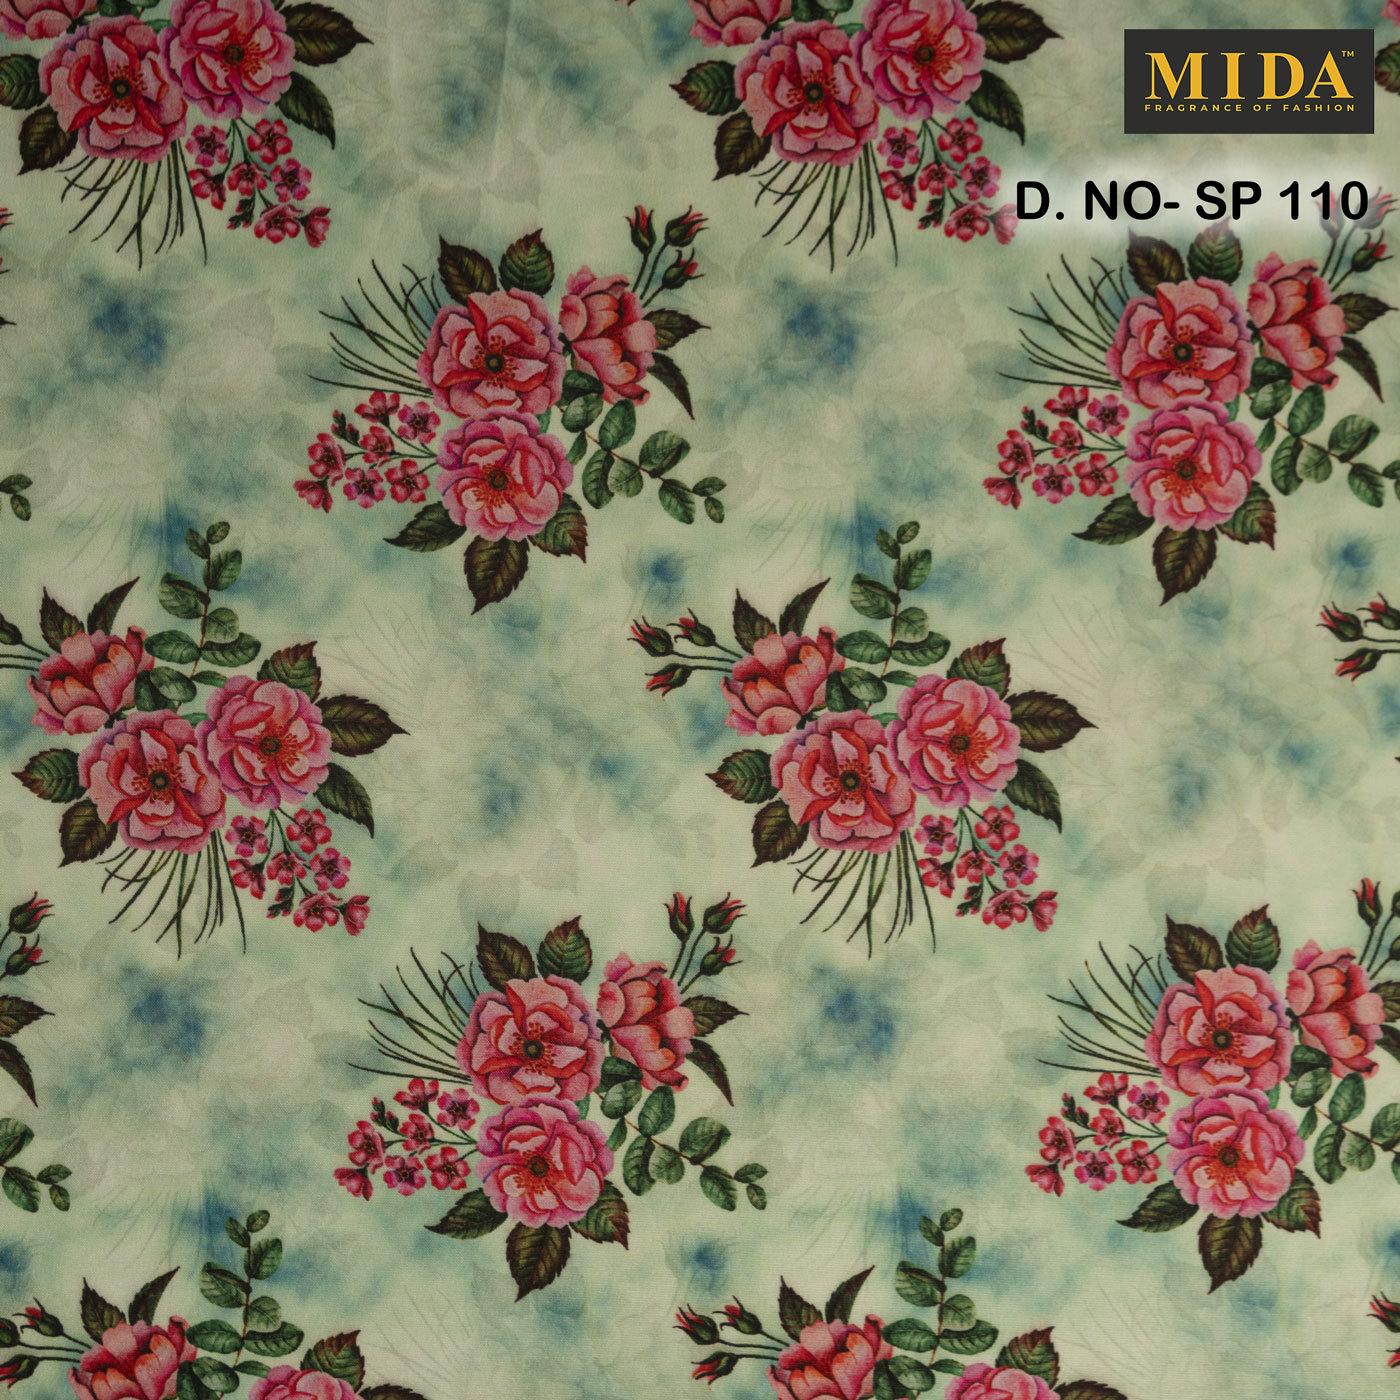 Premium Printed Satin Fabrics